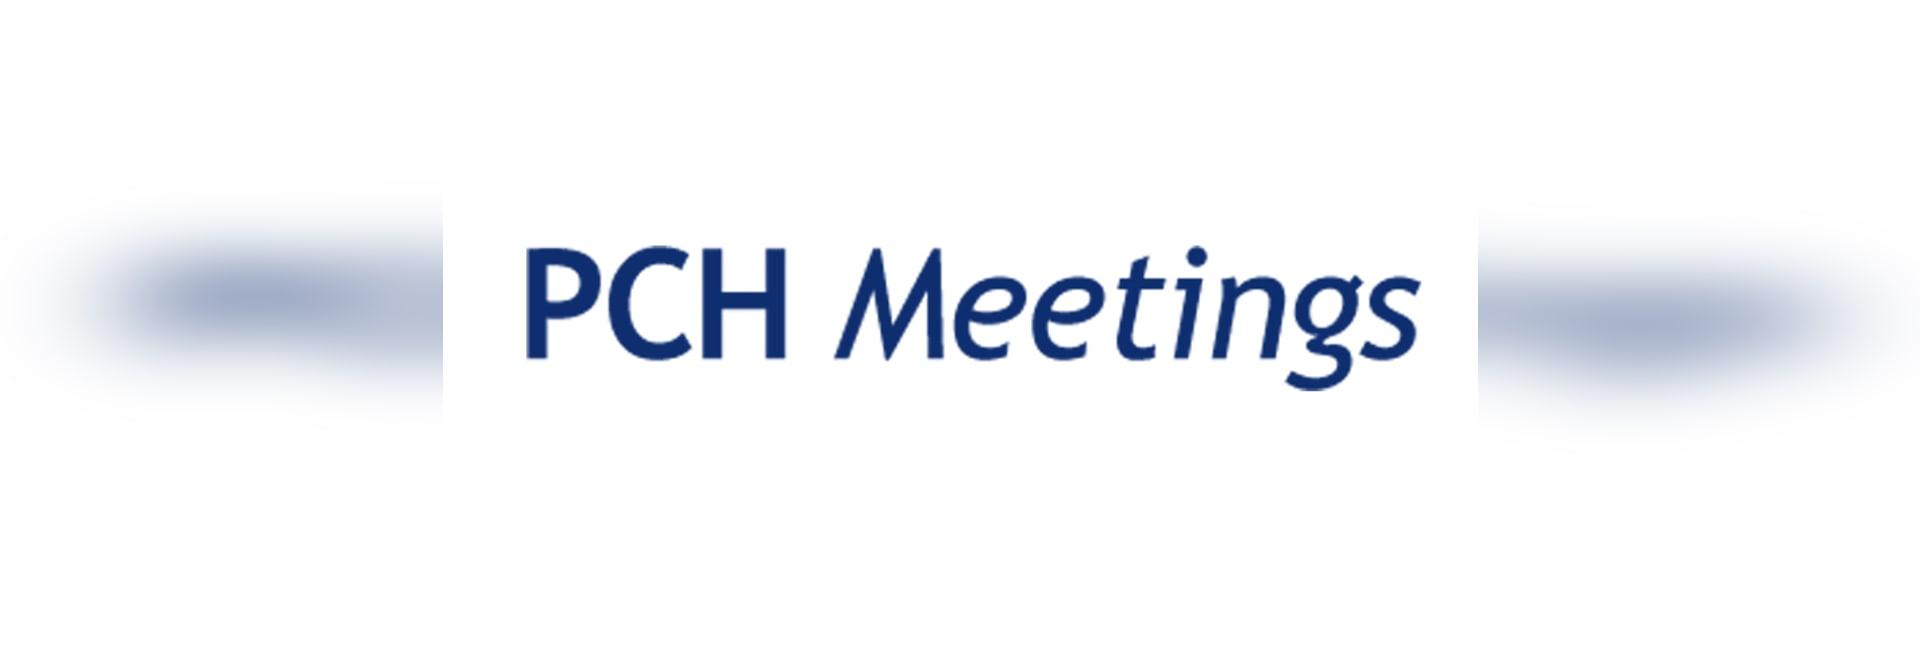 Ae&t de la reunión para las reuniones de PCH